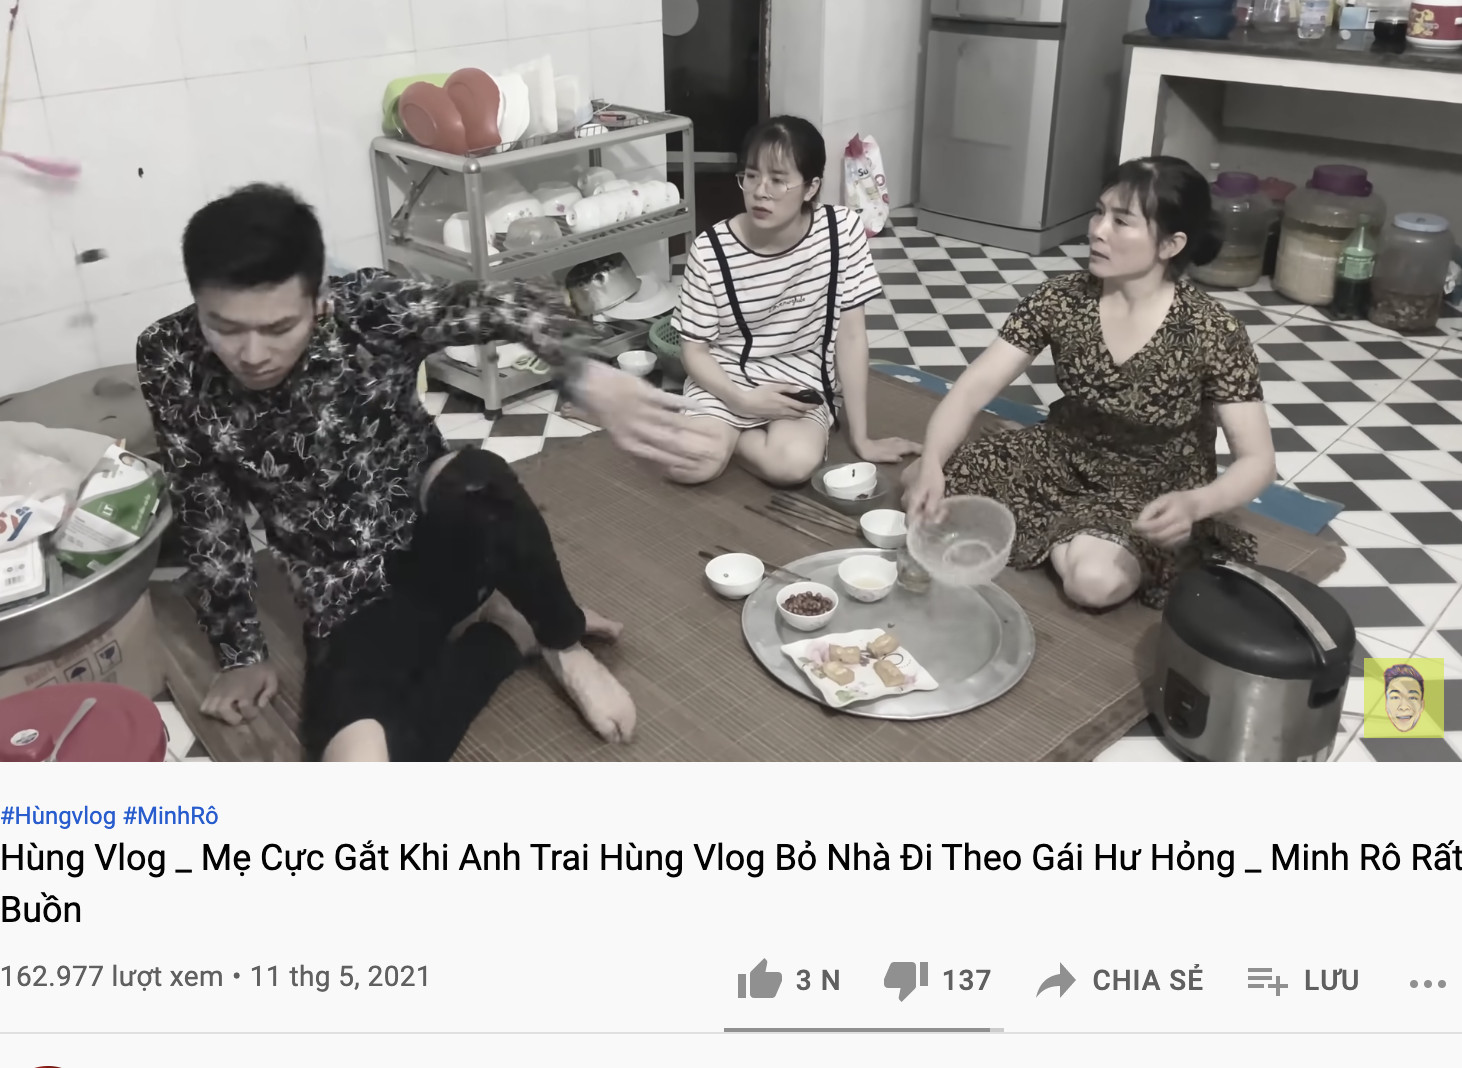 Drama cực căng ở quê bà Tân Vlog: Một thanh niên bỏ nhà đi theo bạn gái, hôm sau xuất hiện trong clip ăn chực - Ảnh 4.